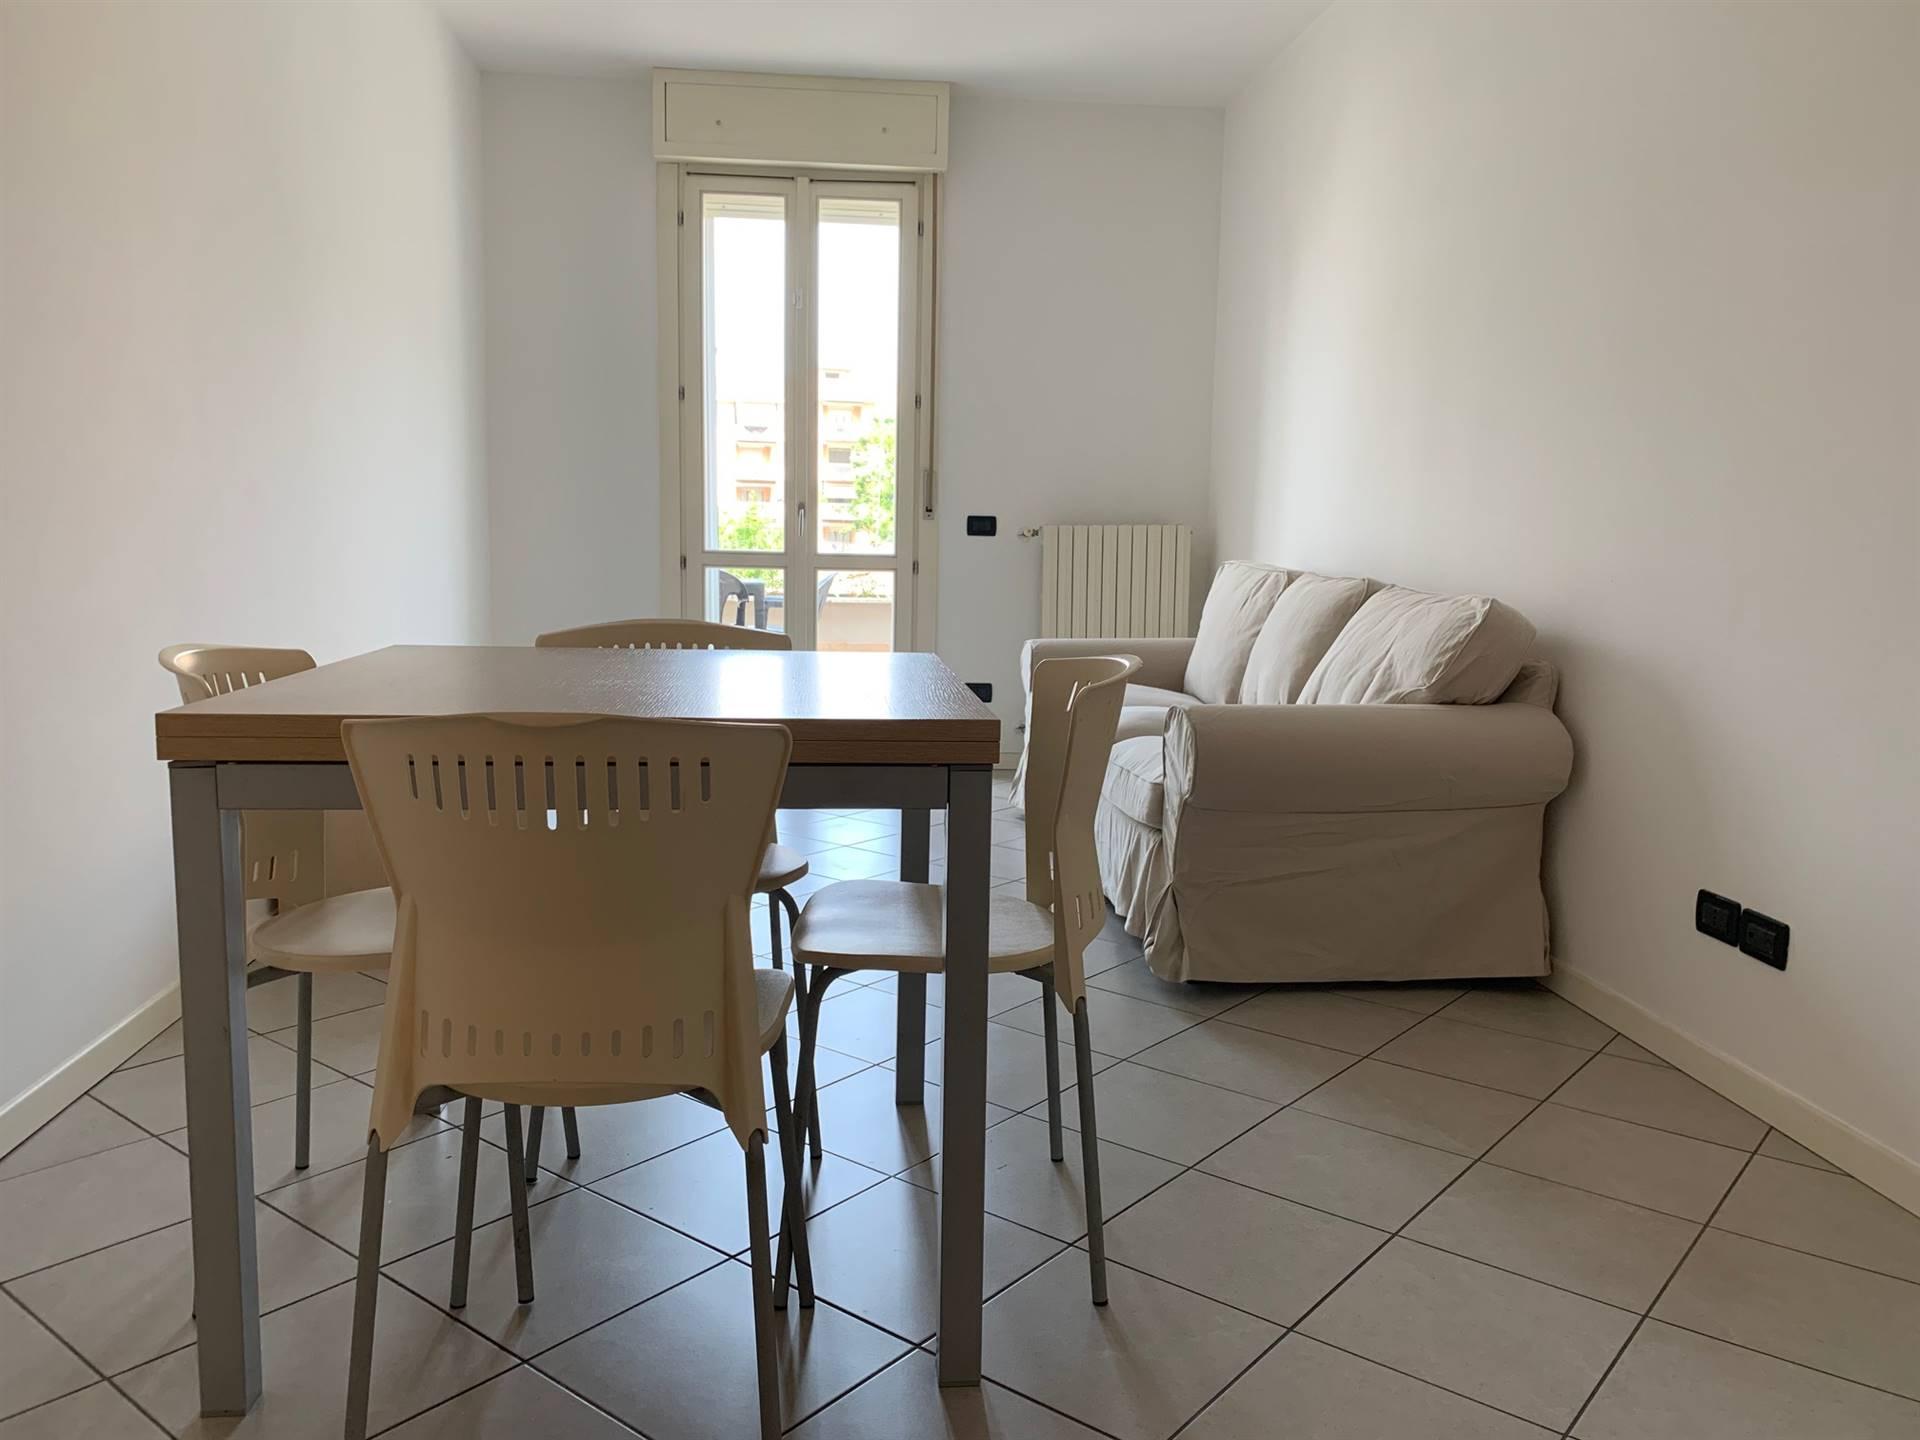 Appartamento in affitto a Crema, 3 locali, zona Località: CENTRO ESTERNO MURA, prezzo € 550 | PortaleAgenzieImmobiliari.it